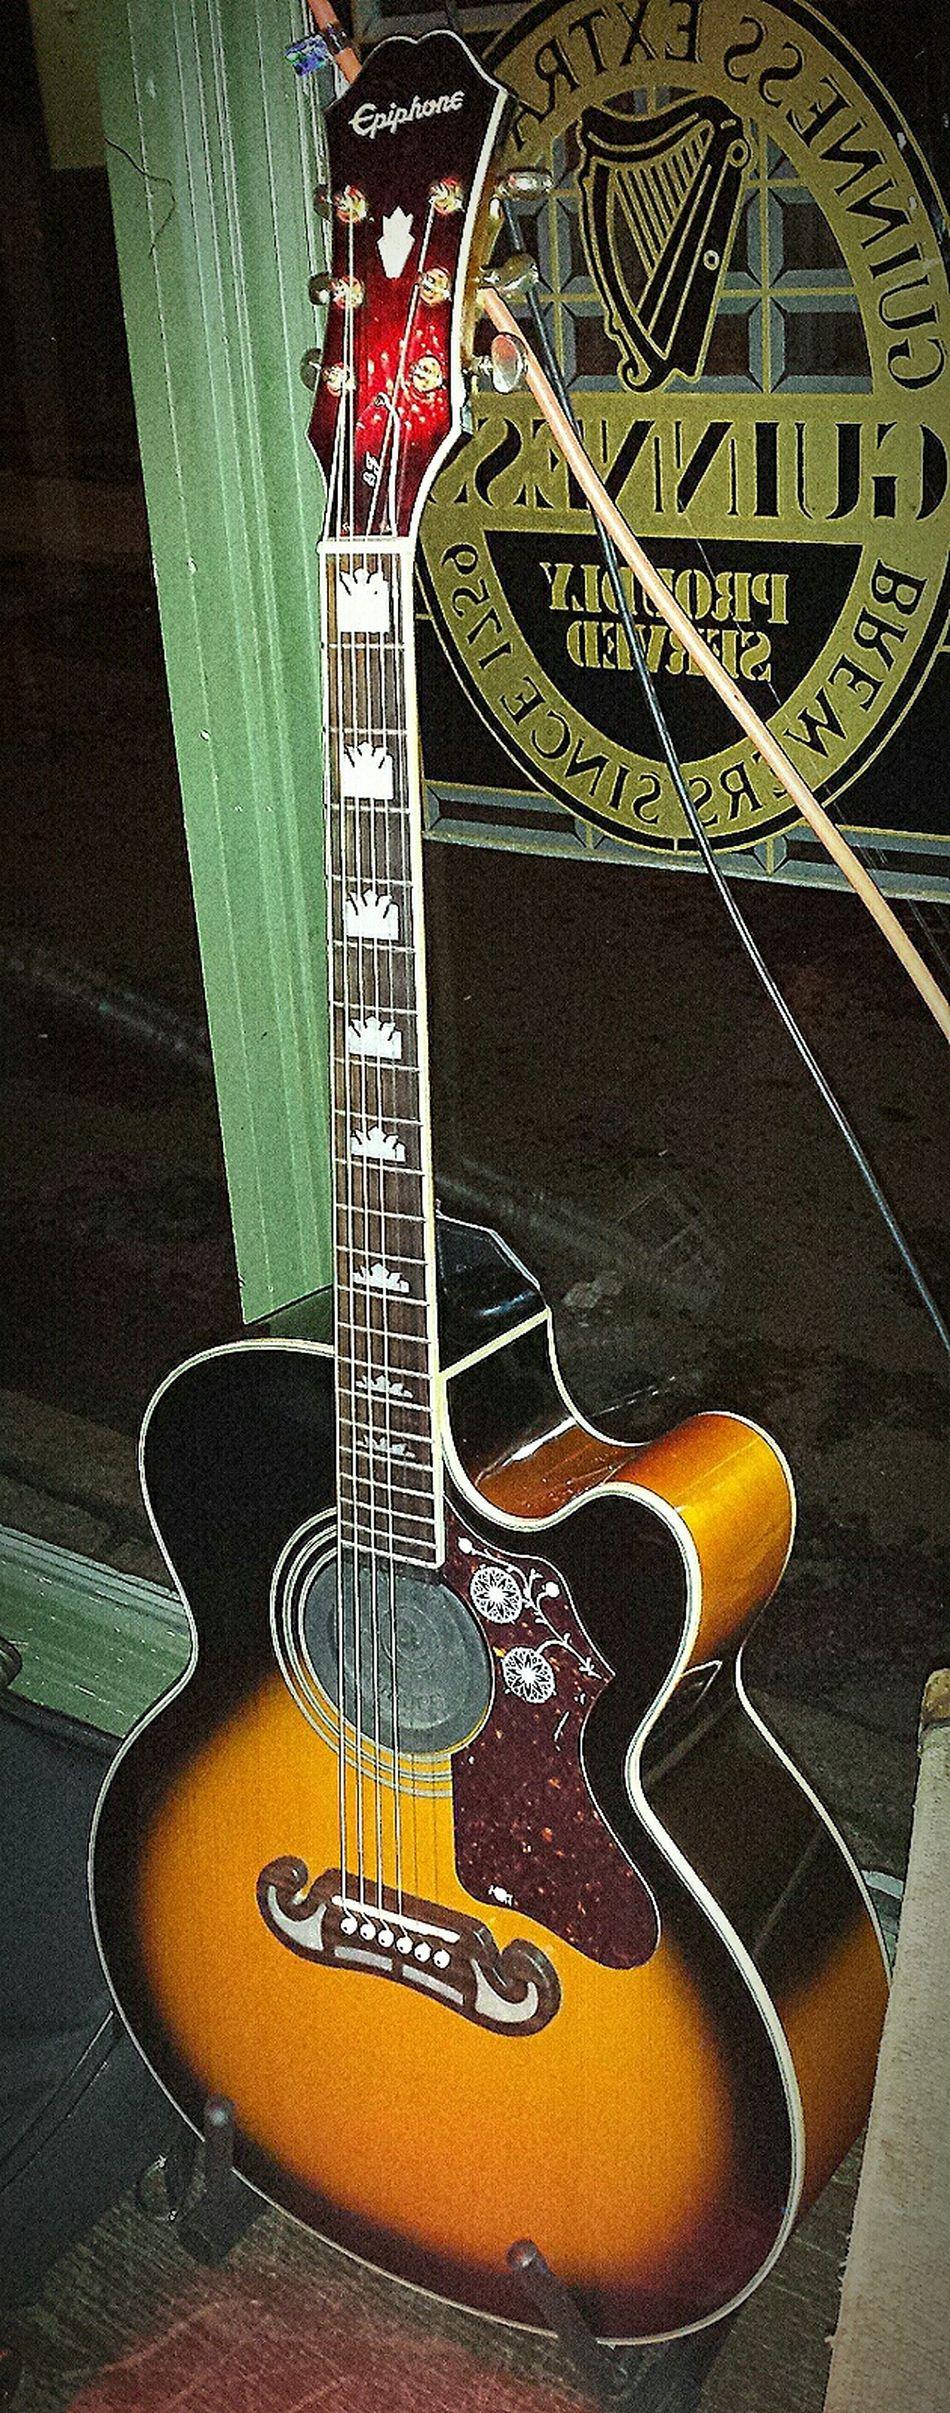 Guitare Guitar Acoustique Acoustic Folk Steel Strings EpiphoneGuitars Epiphone